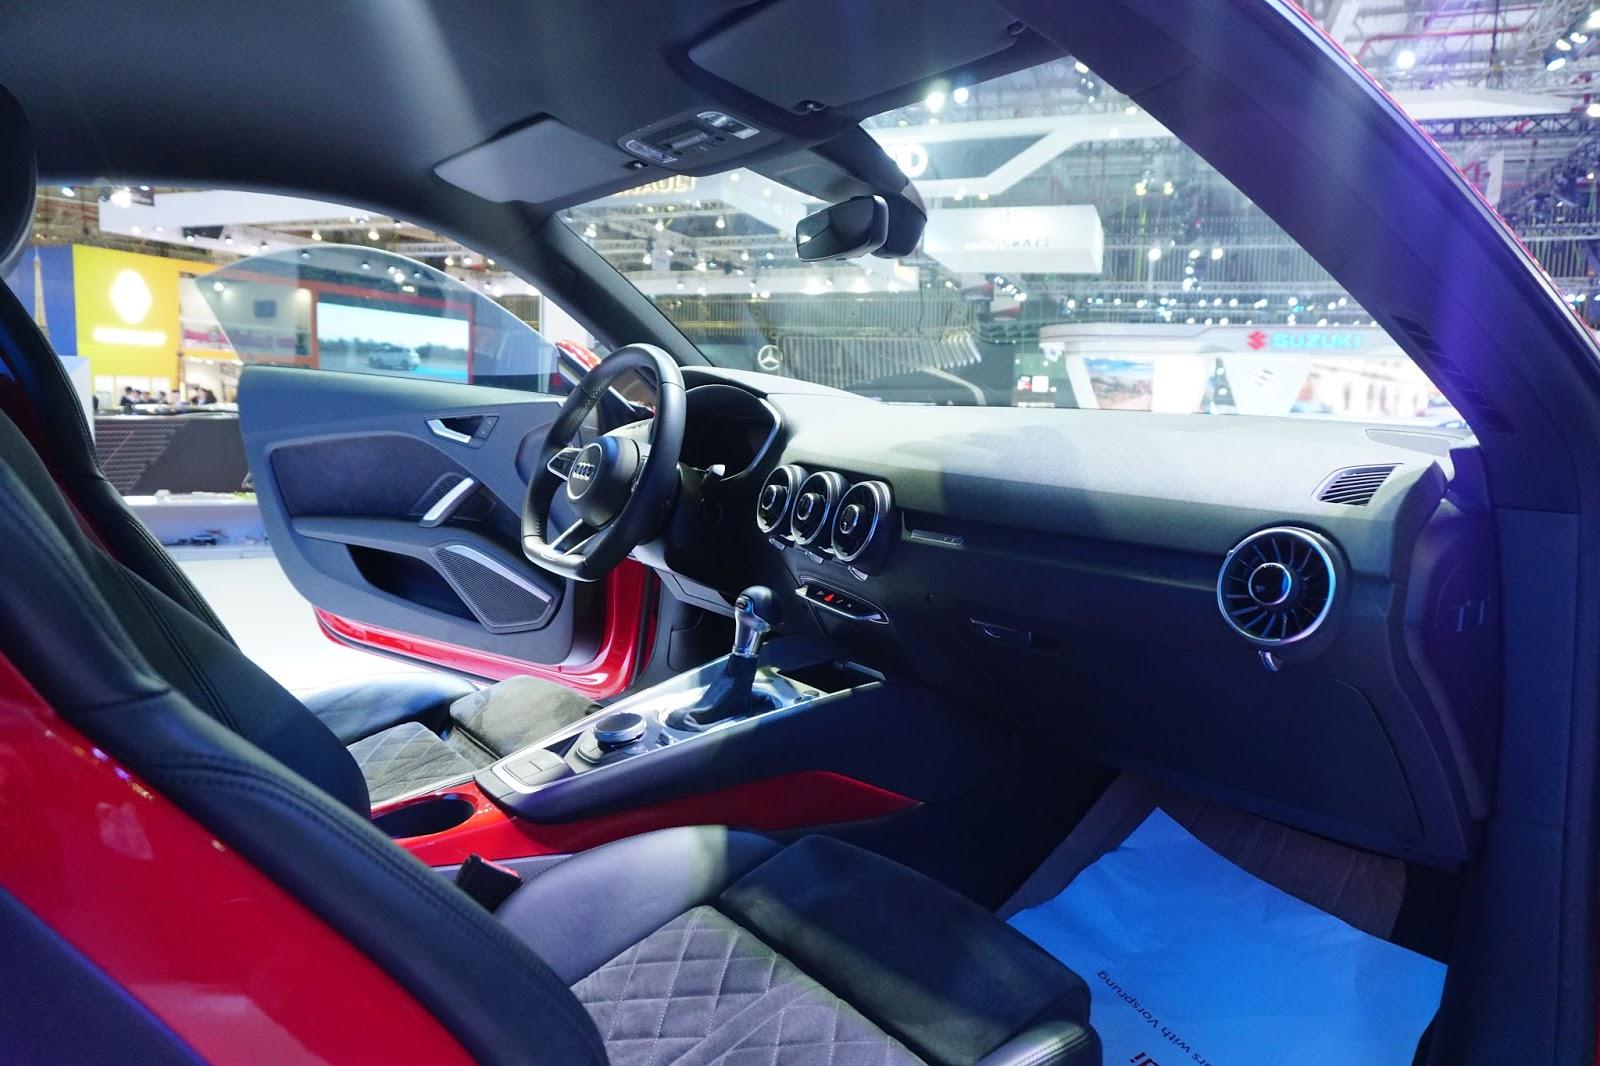 Khoang lái của Audi TT 2016 trông khá ổn, rất phù hợp để đua